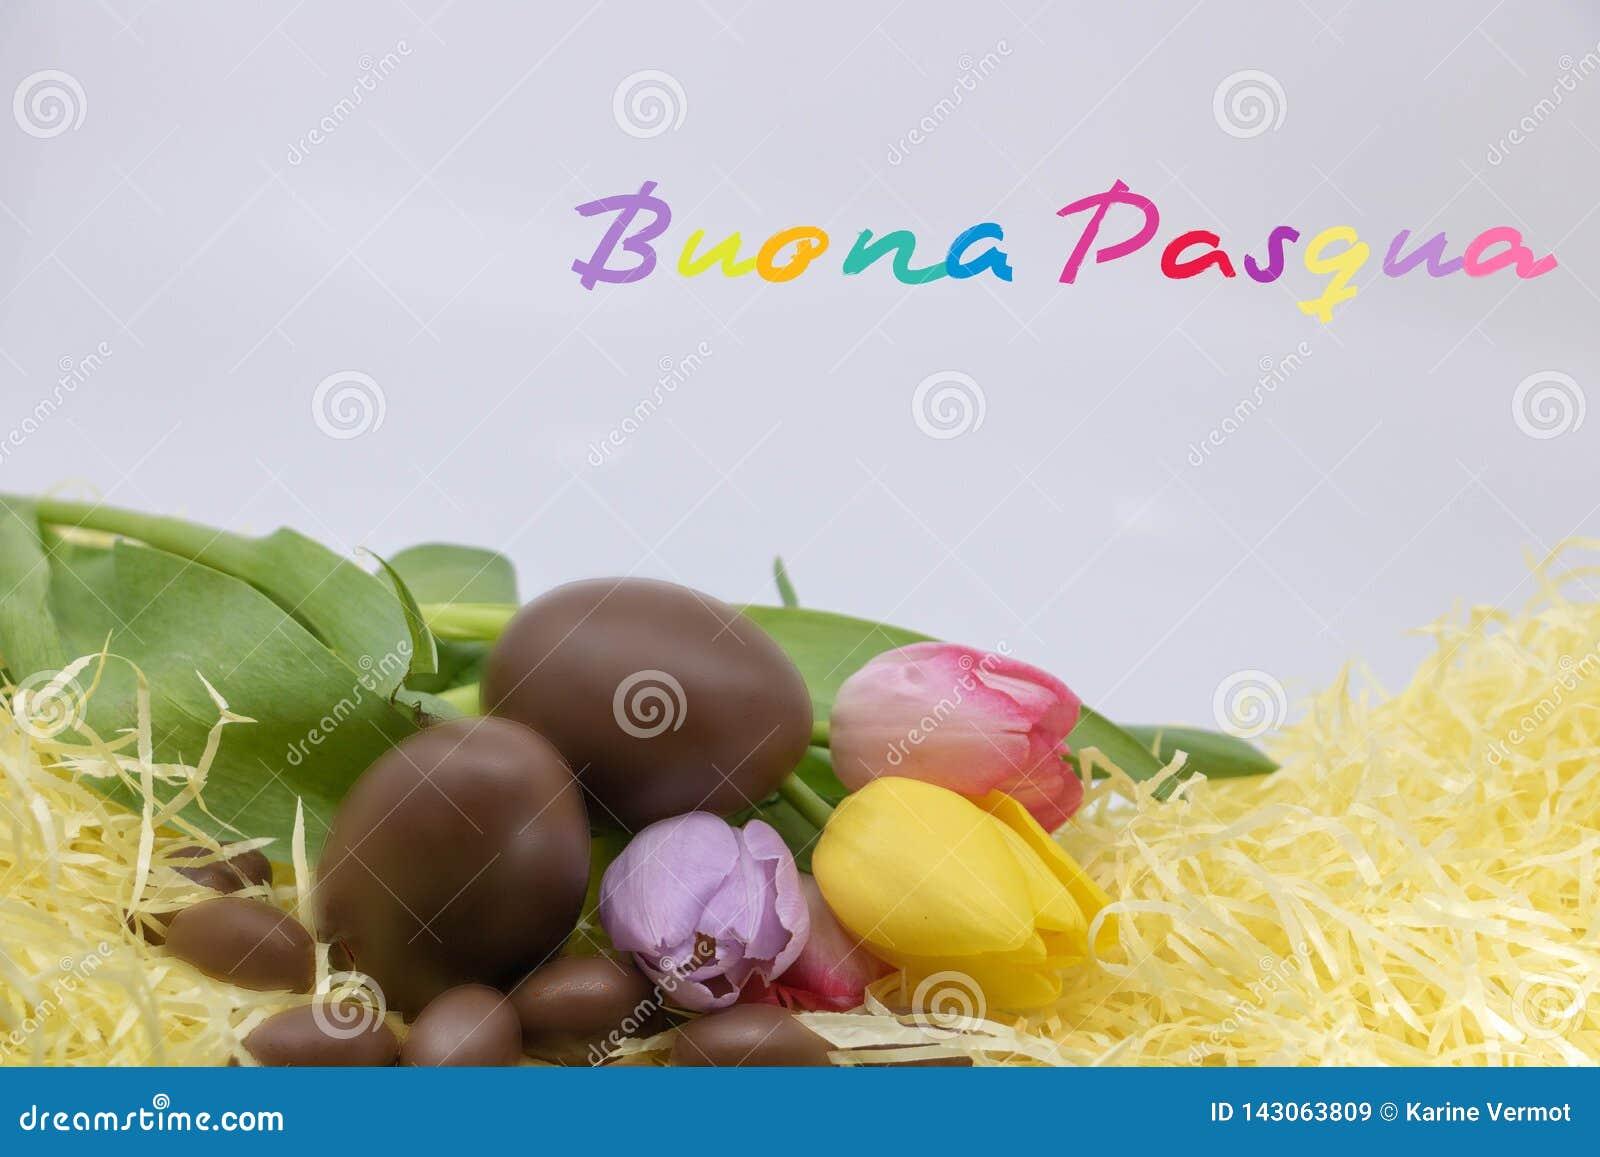 De zeer kleurrijke tekst Buona Pasqua is Gelukkige die Pasen in het Italiaans voor Pasen wordt geschreven